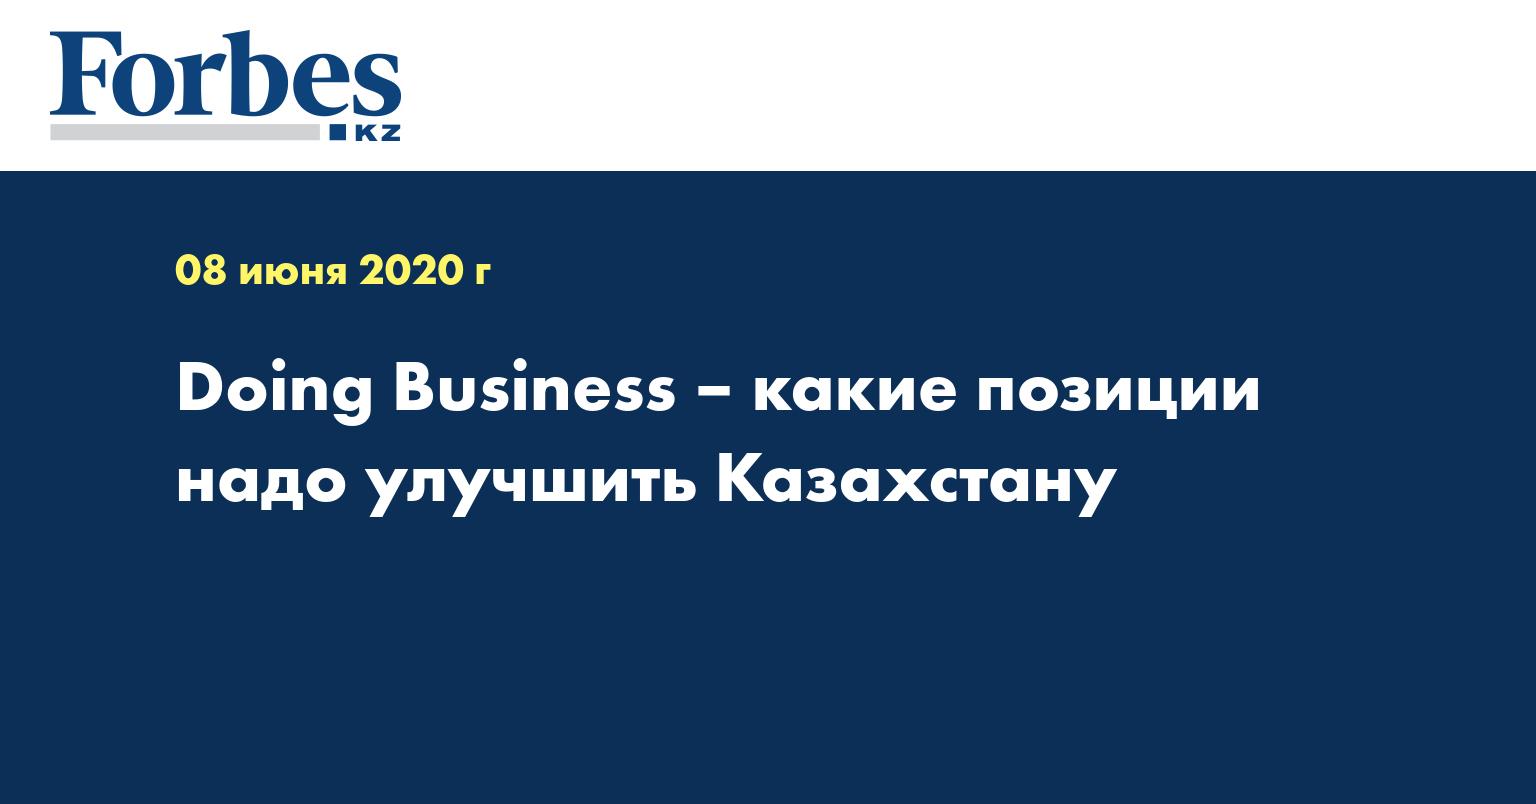 Doing Business – какие позиции надо улучшить Казахстану